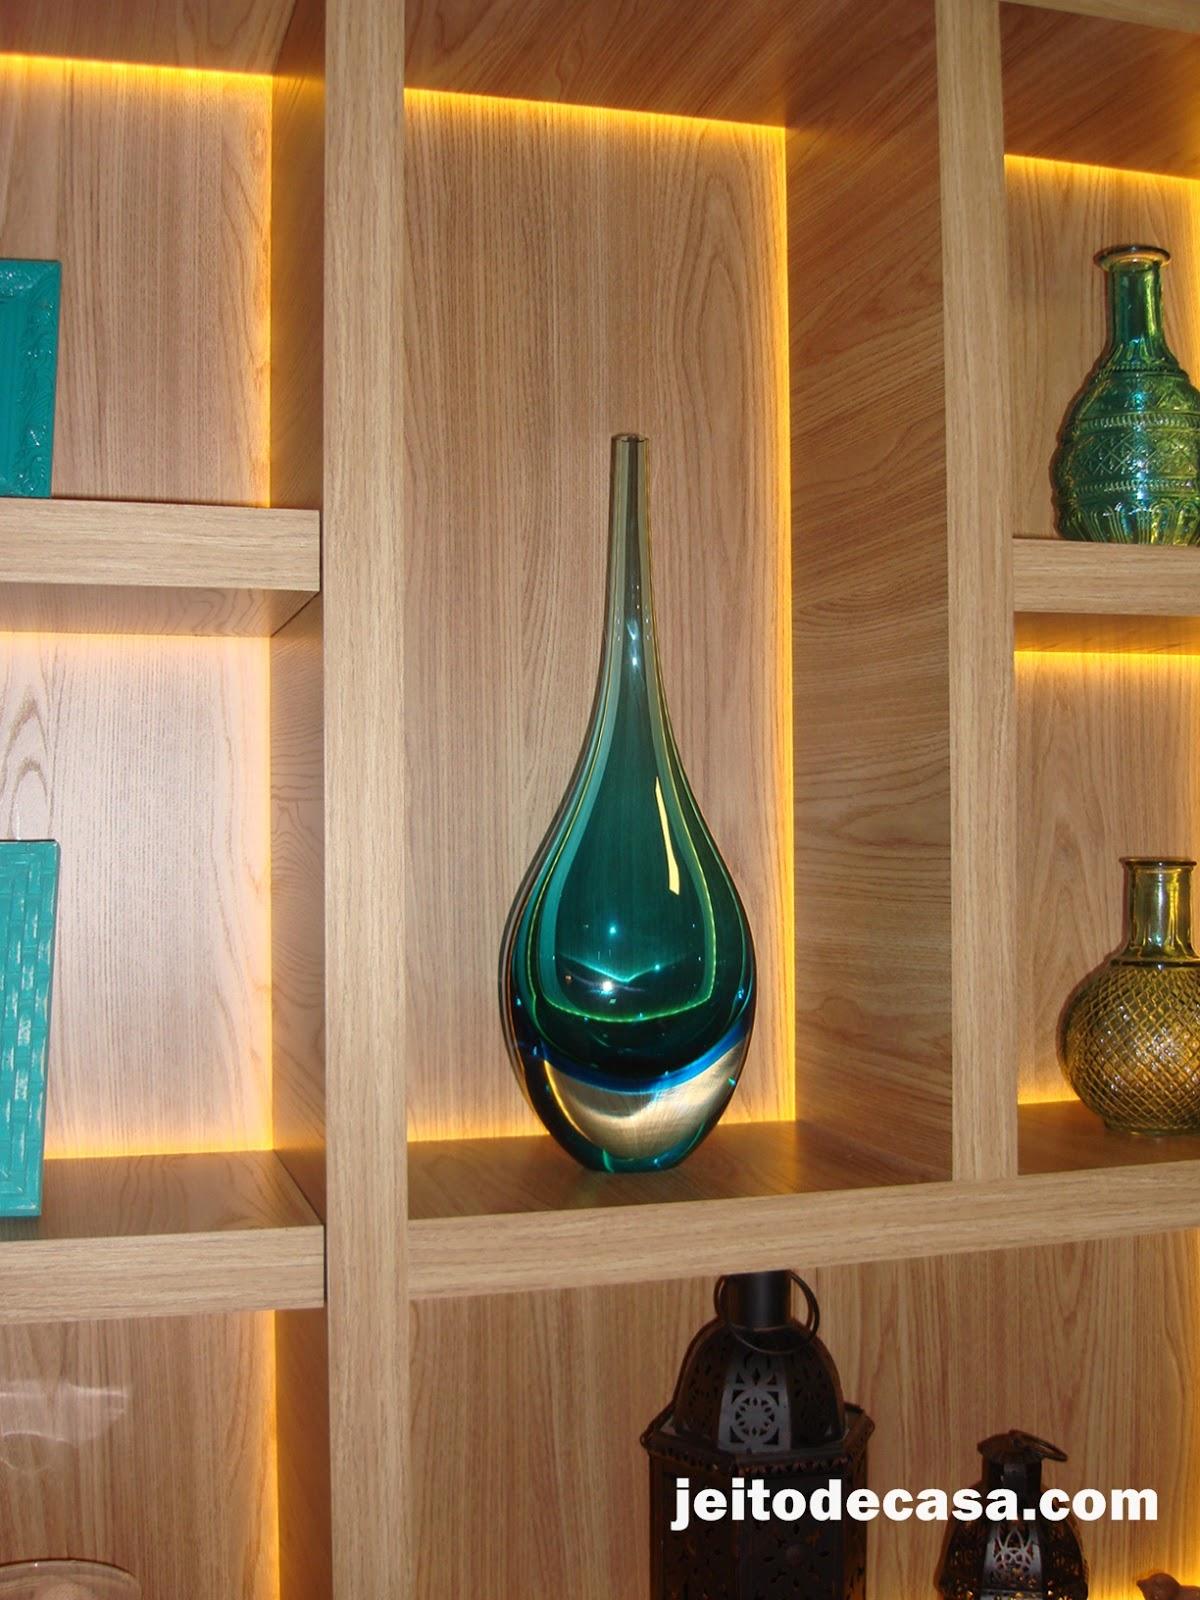 Objetos de decora o para salas e estantes jeito de - Objetos decorativos para salon ...